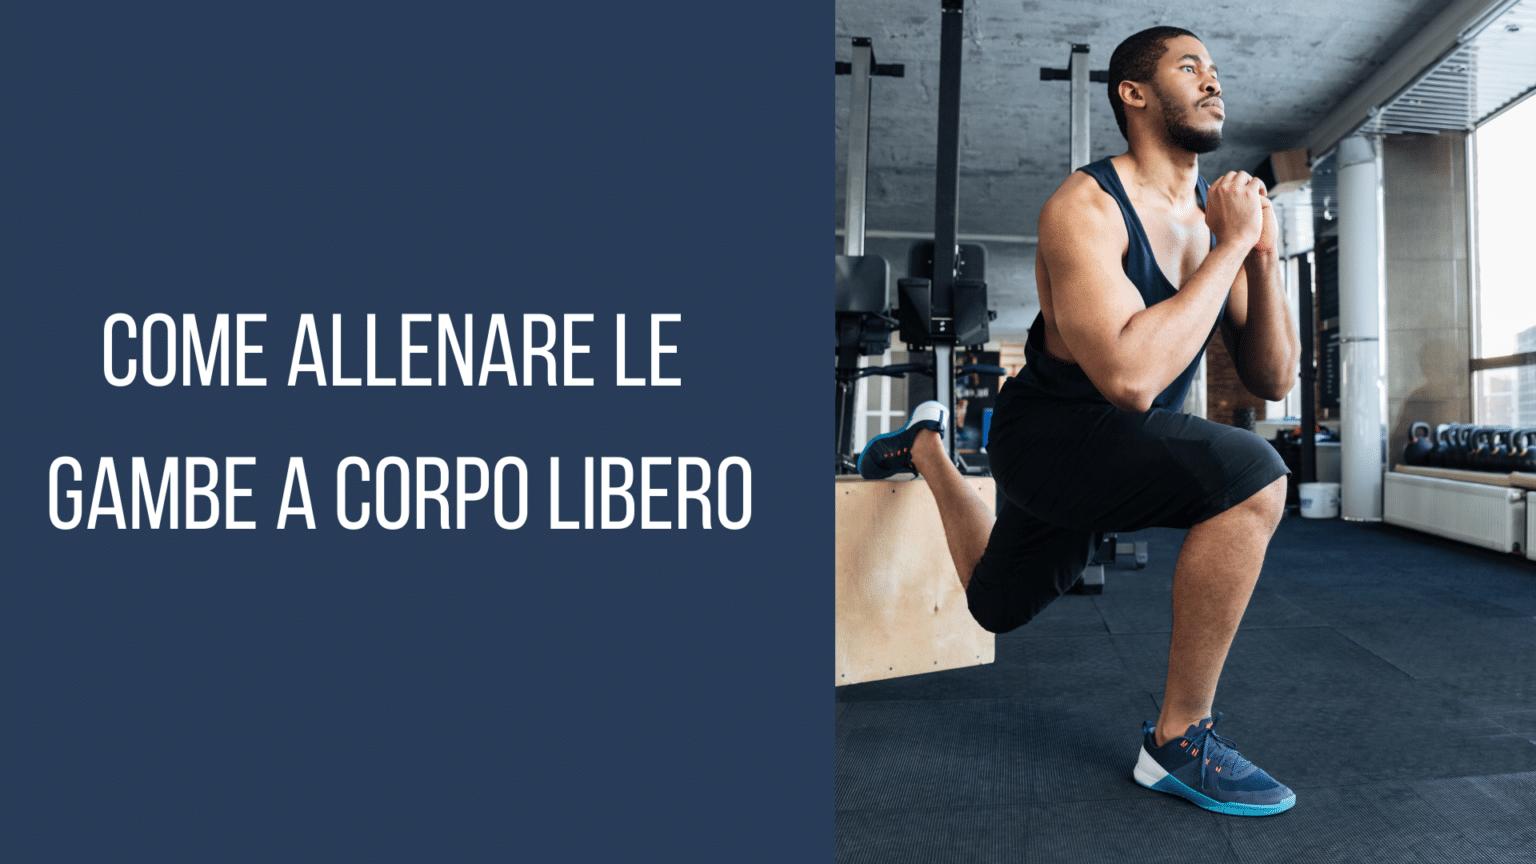 come allenare le gambe a corpo libero